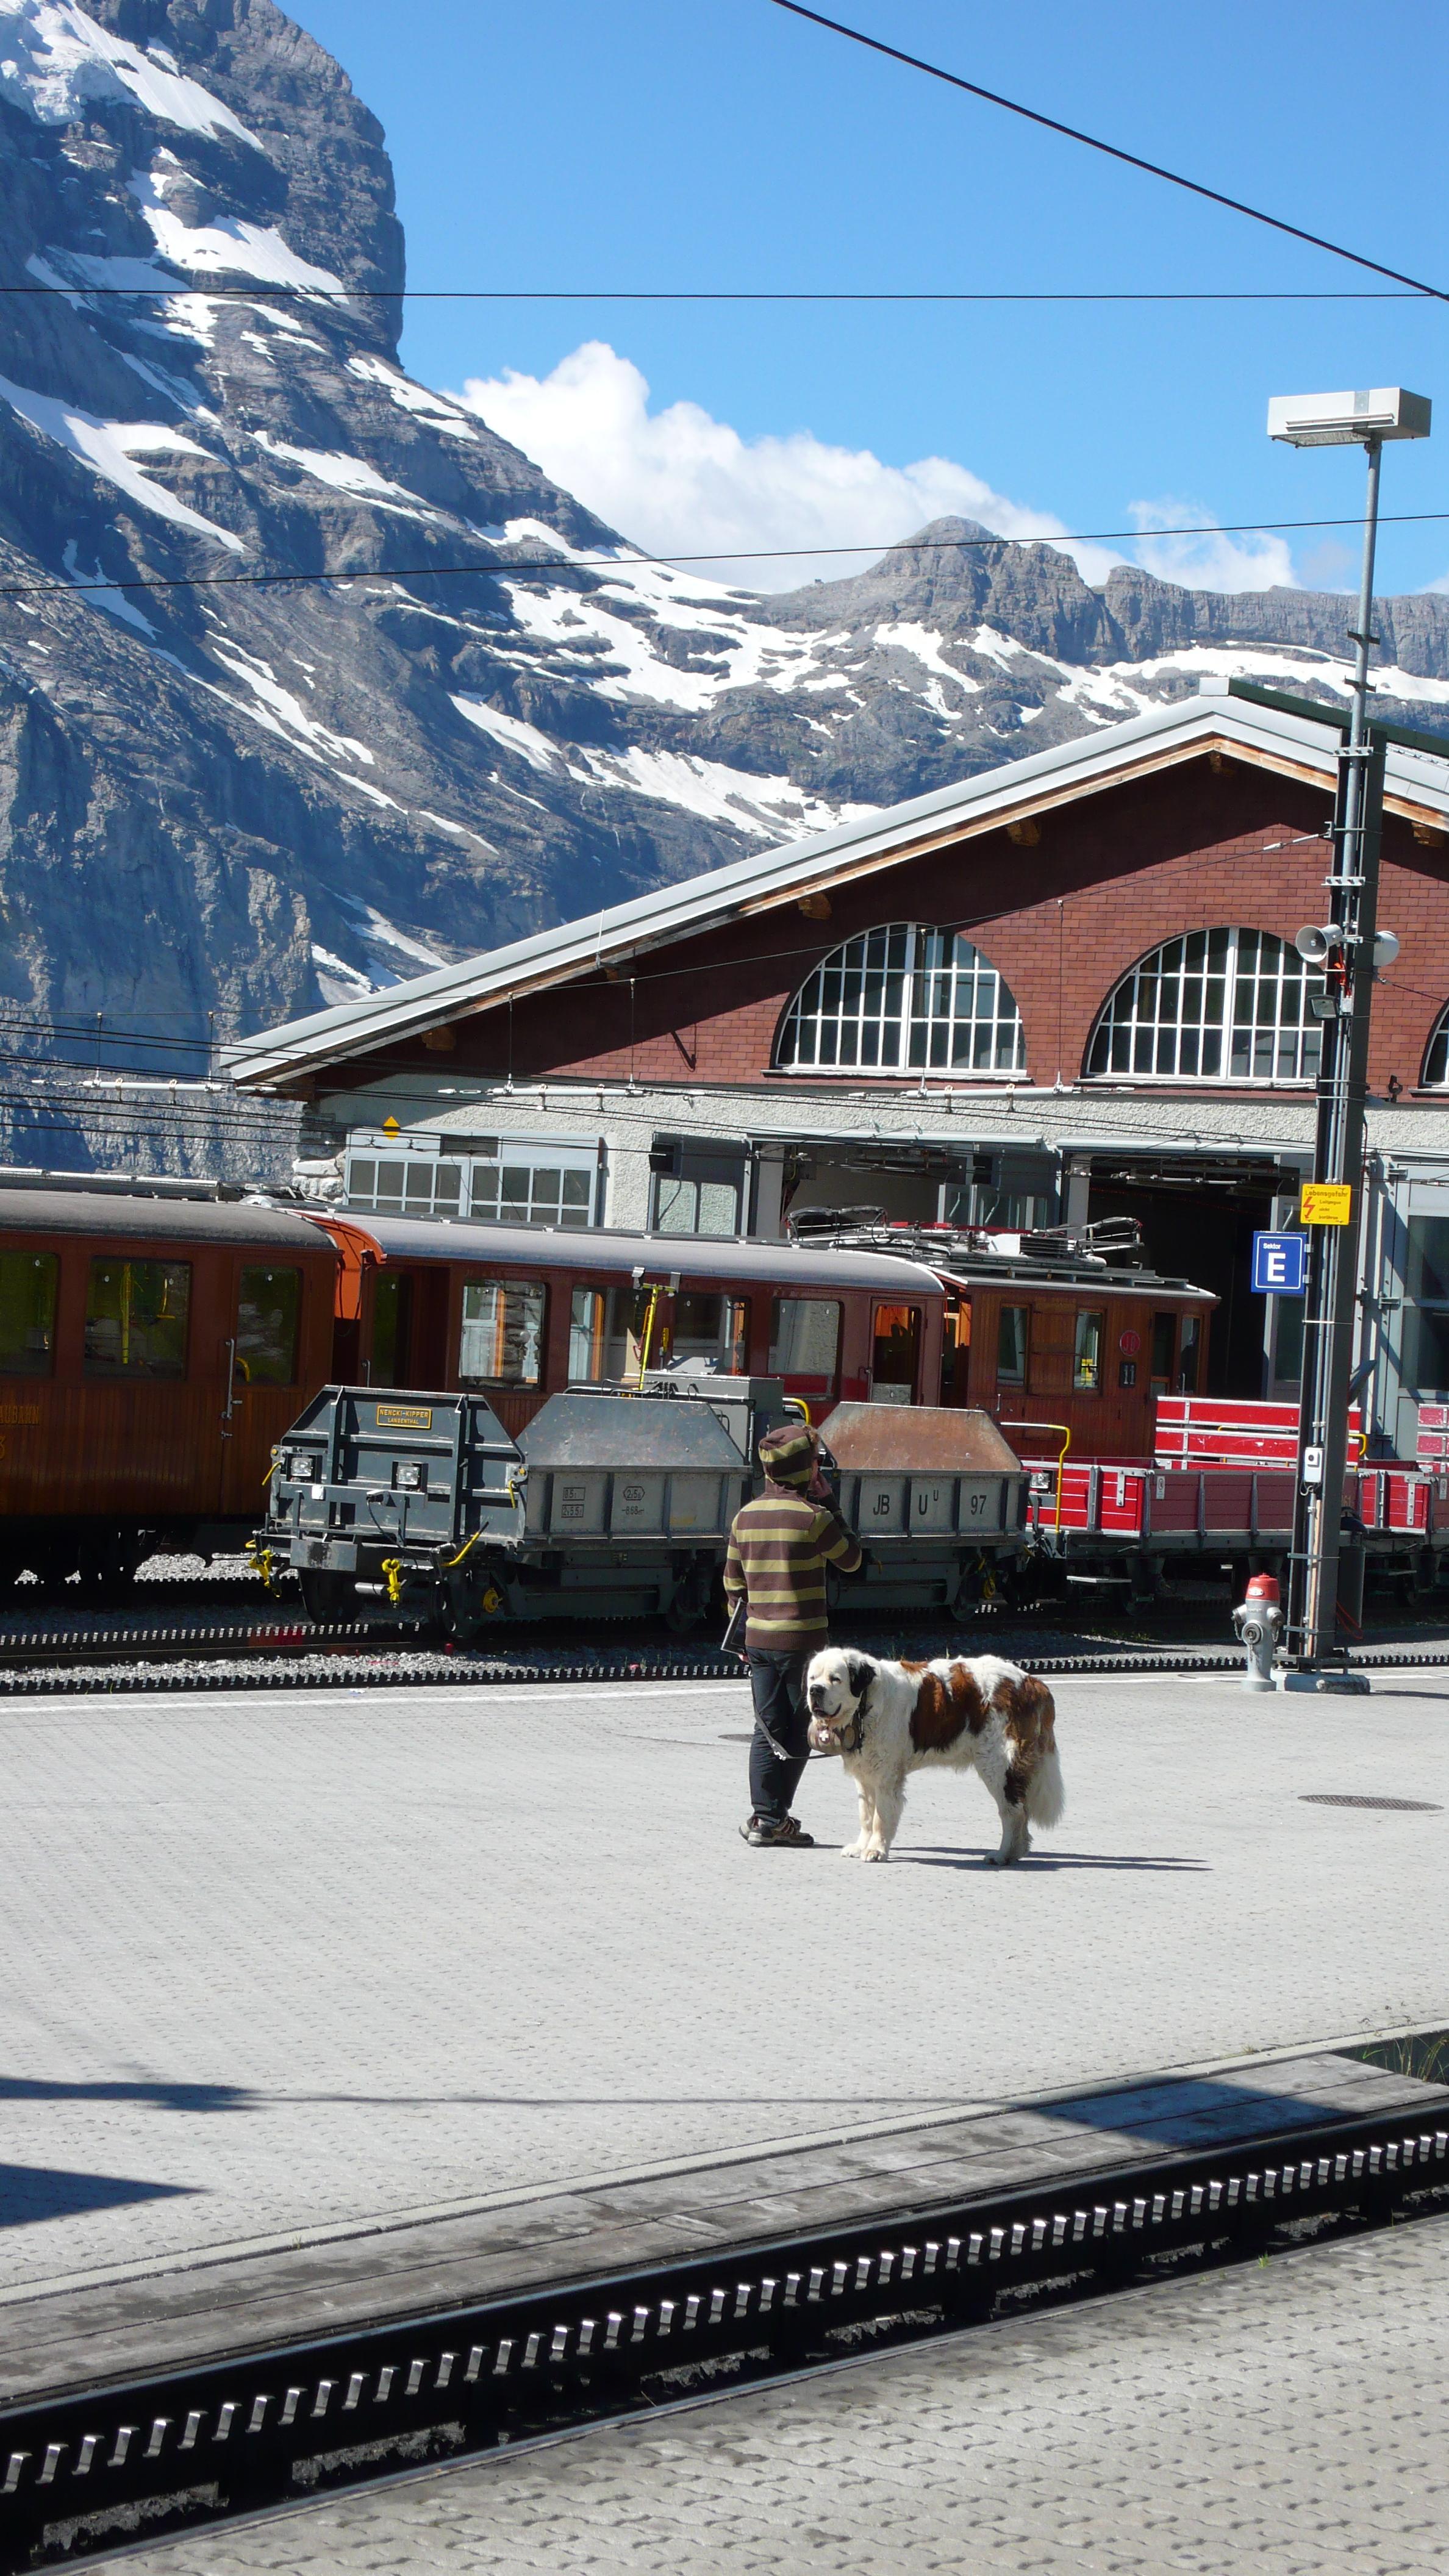 Descida do Jungfraujoch